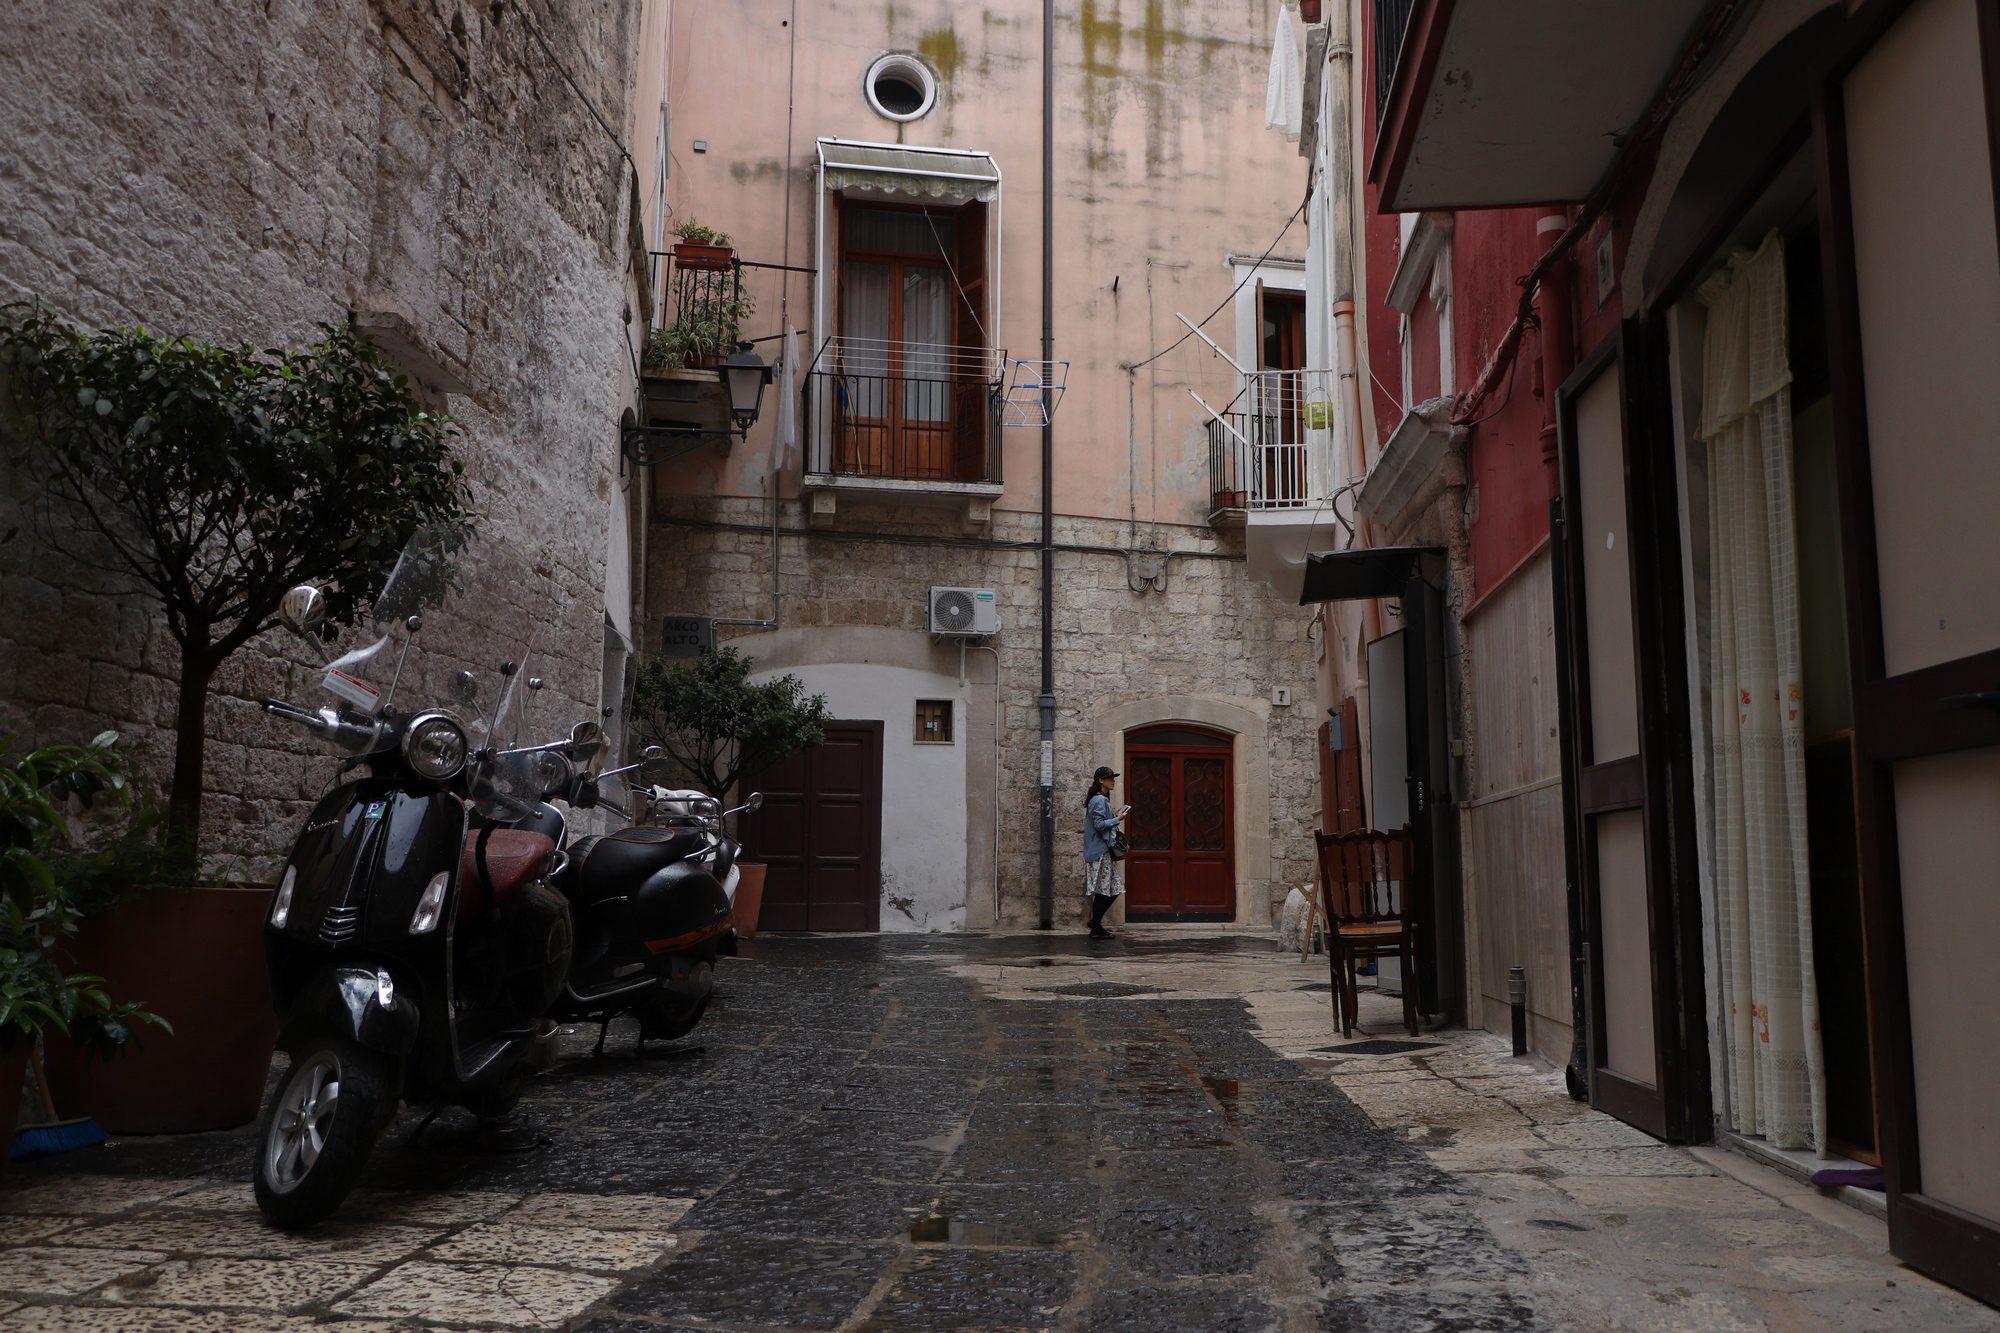 Unterwegs in der Altstadt von Bari